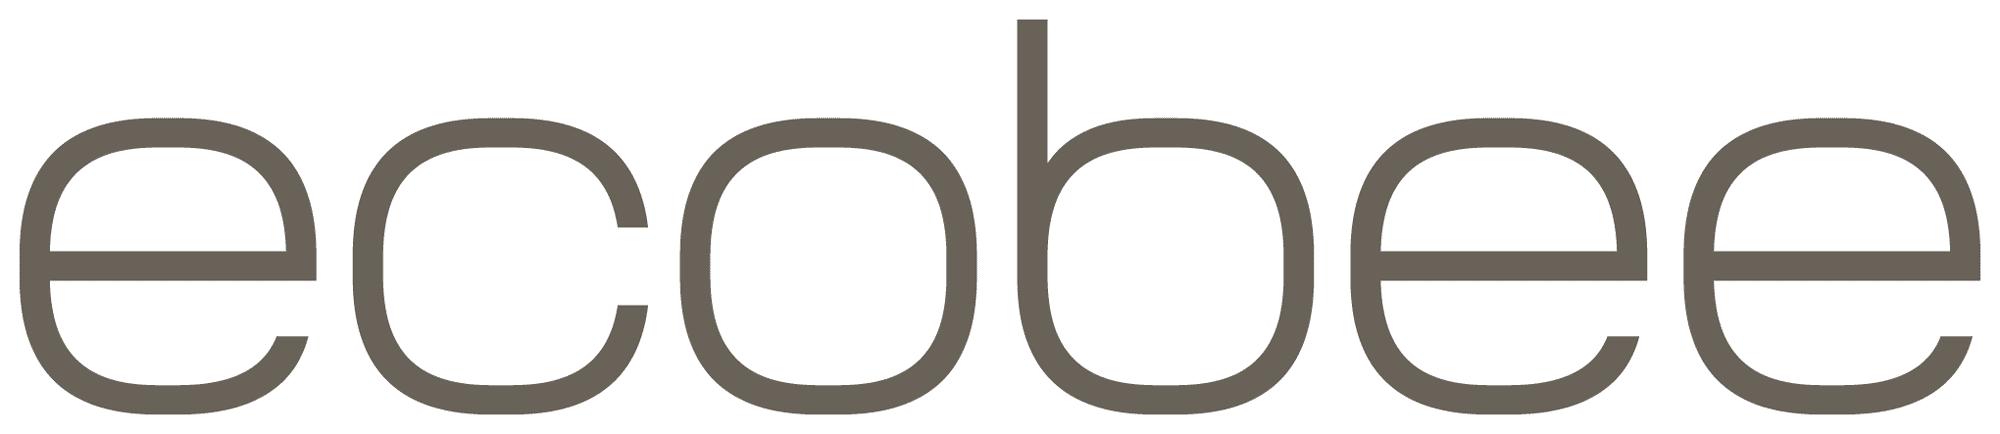 ecobee_logo